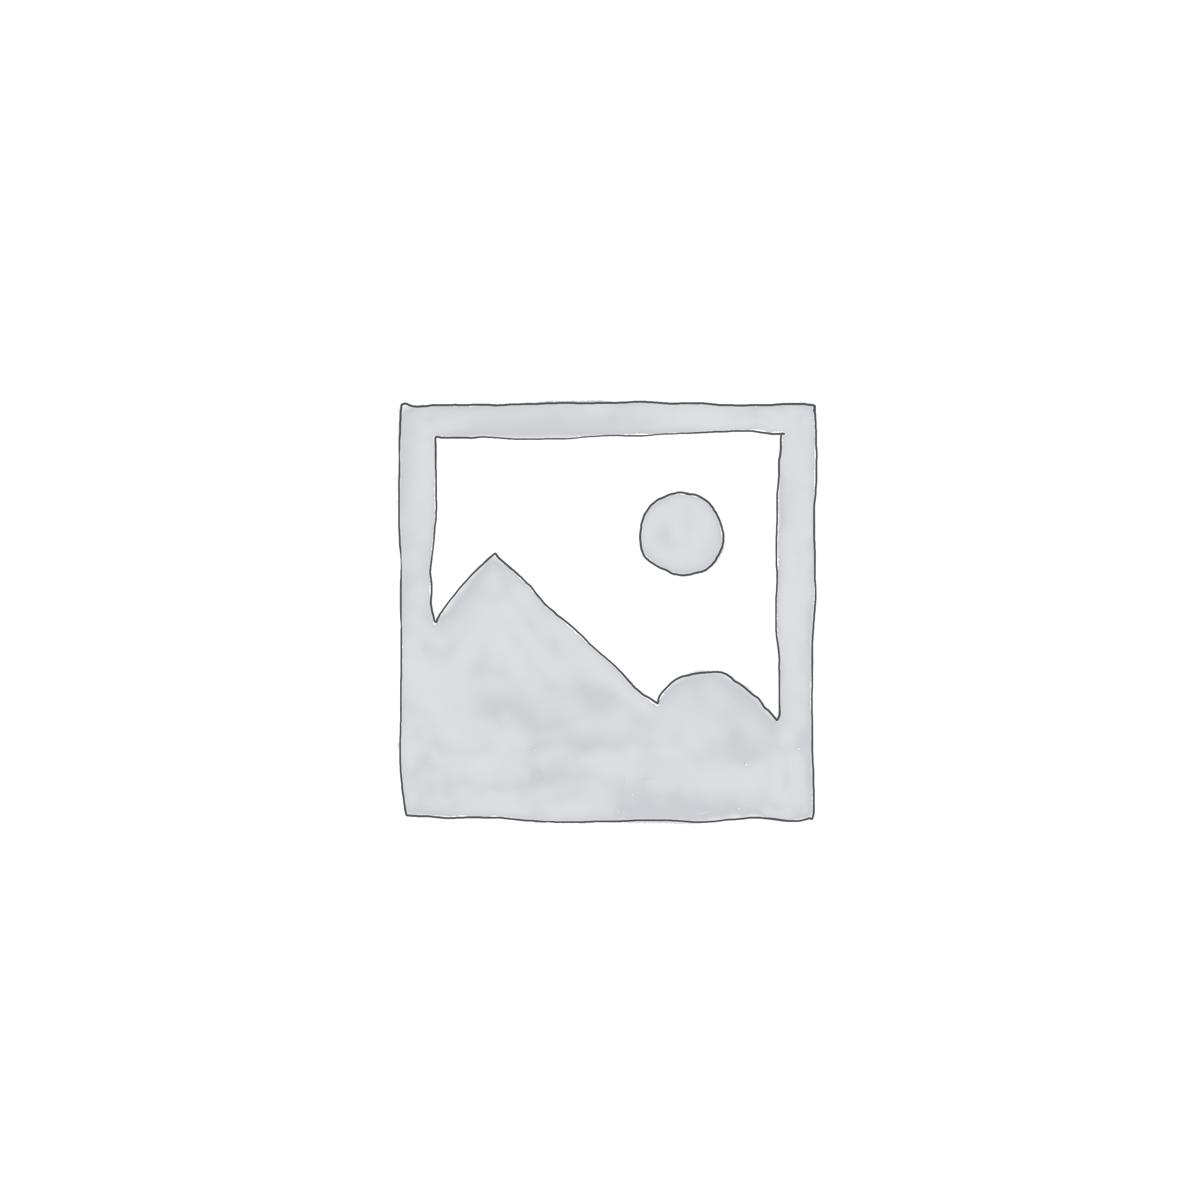 Tropical Beach View Wallpaper Mural